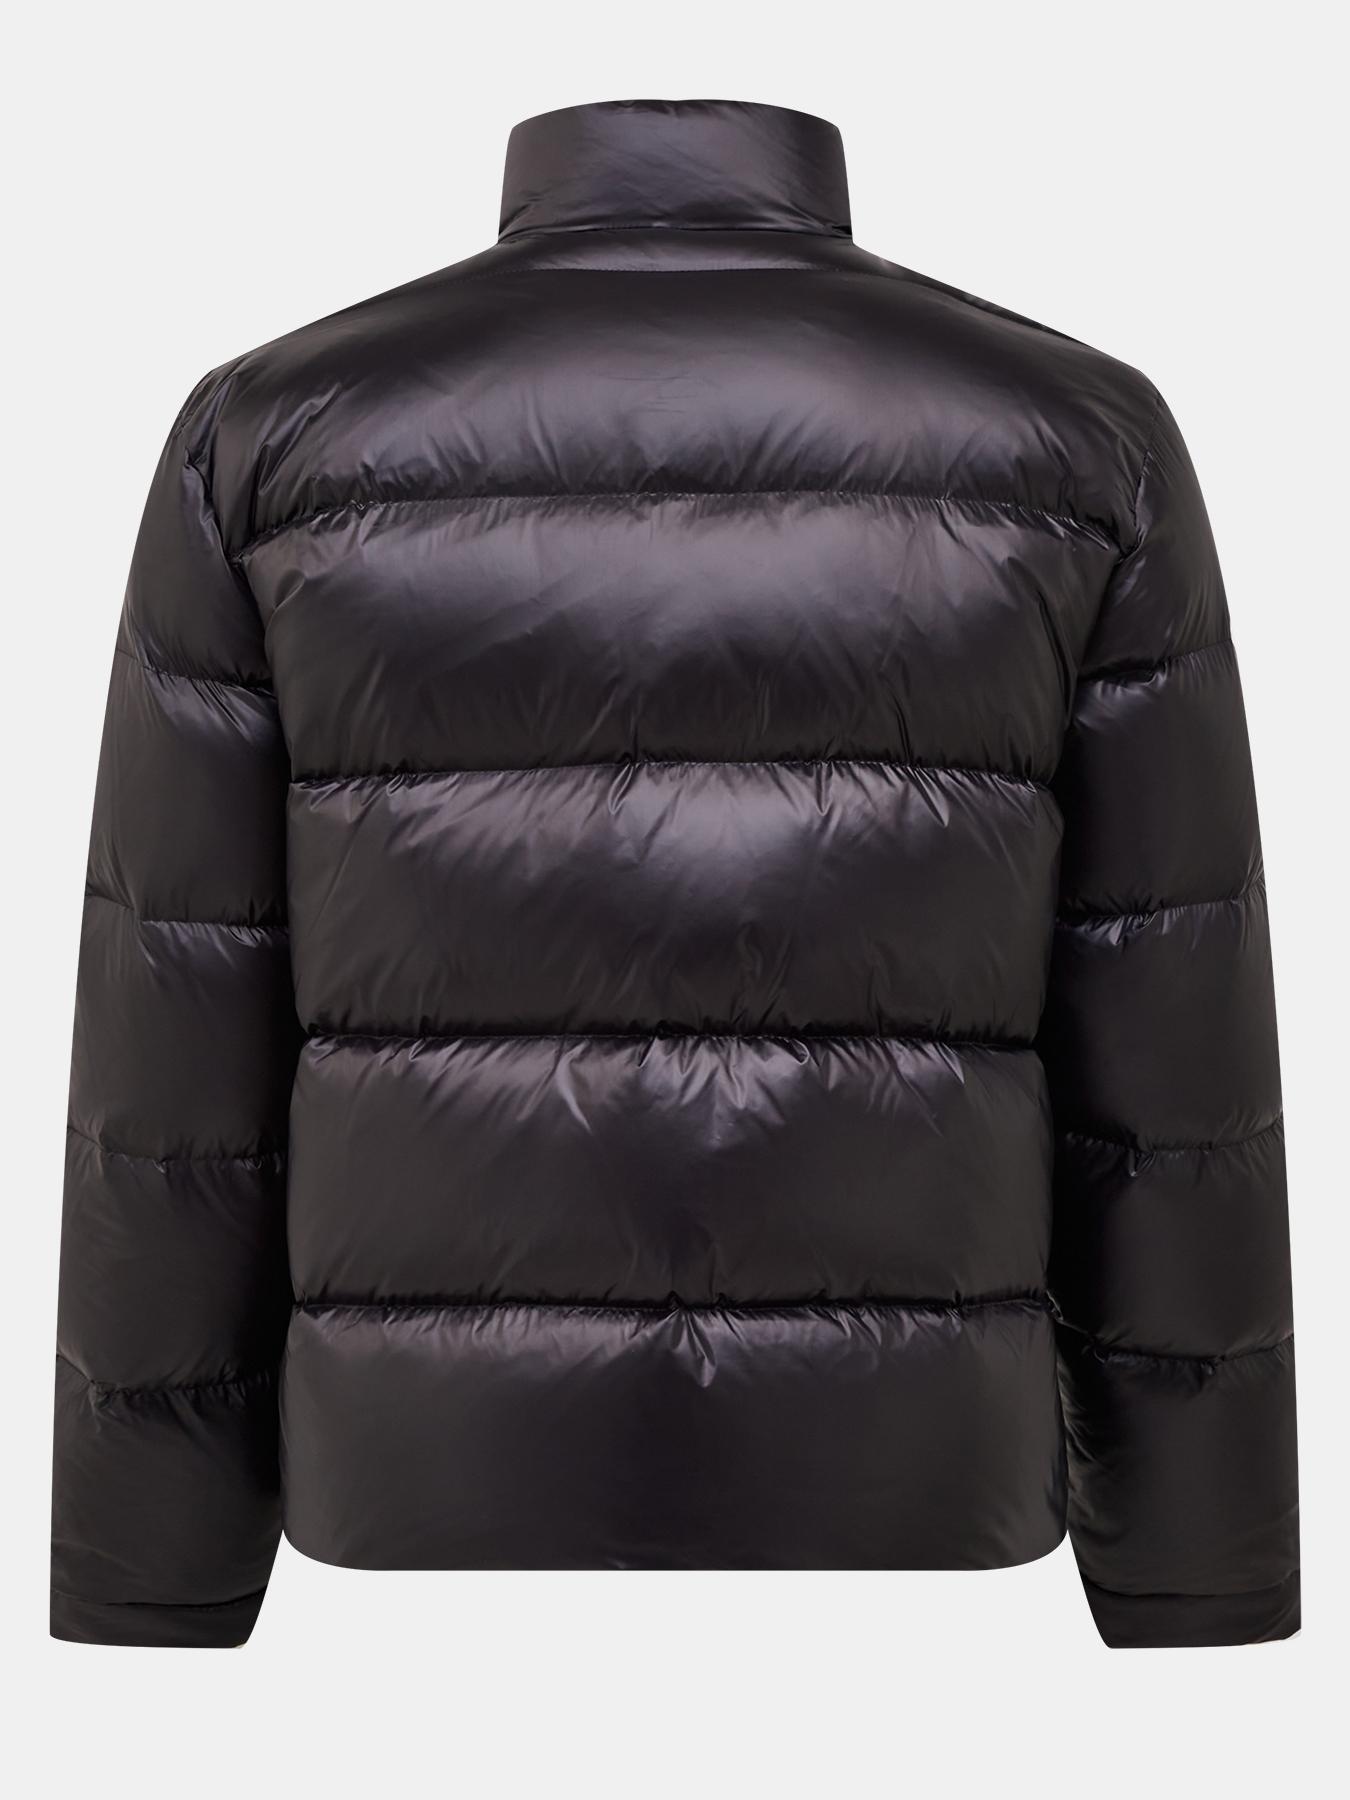 Фото - Куртка Trussardi Jeans Куртка куртка trussardi jeans пуховик